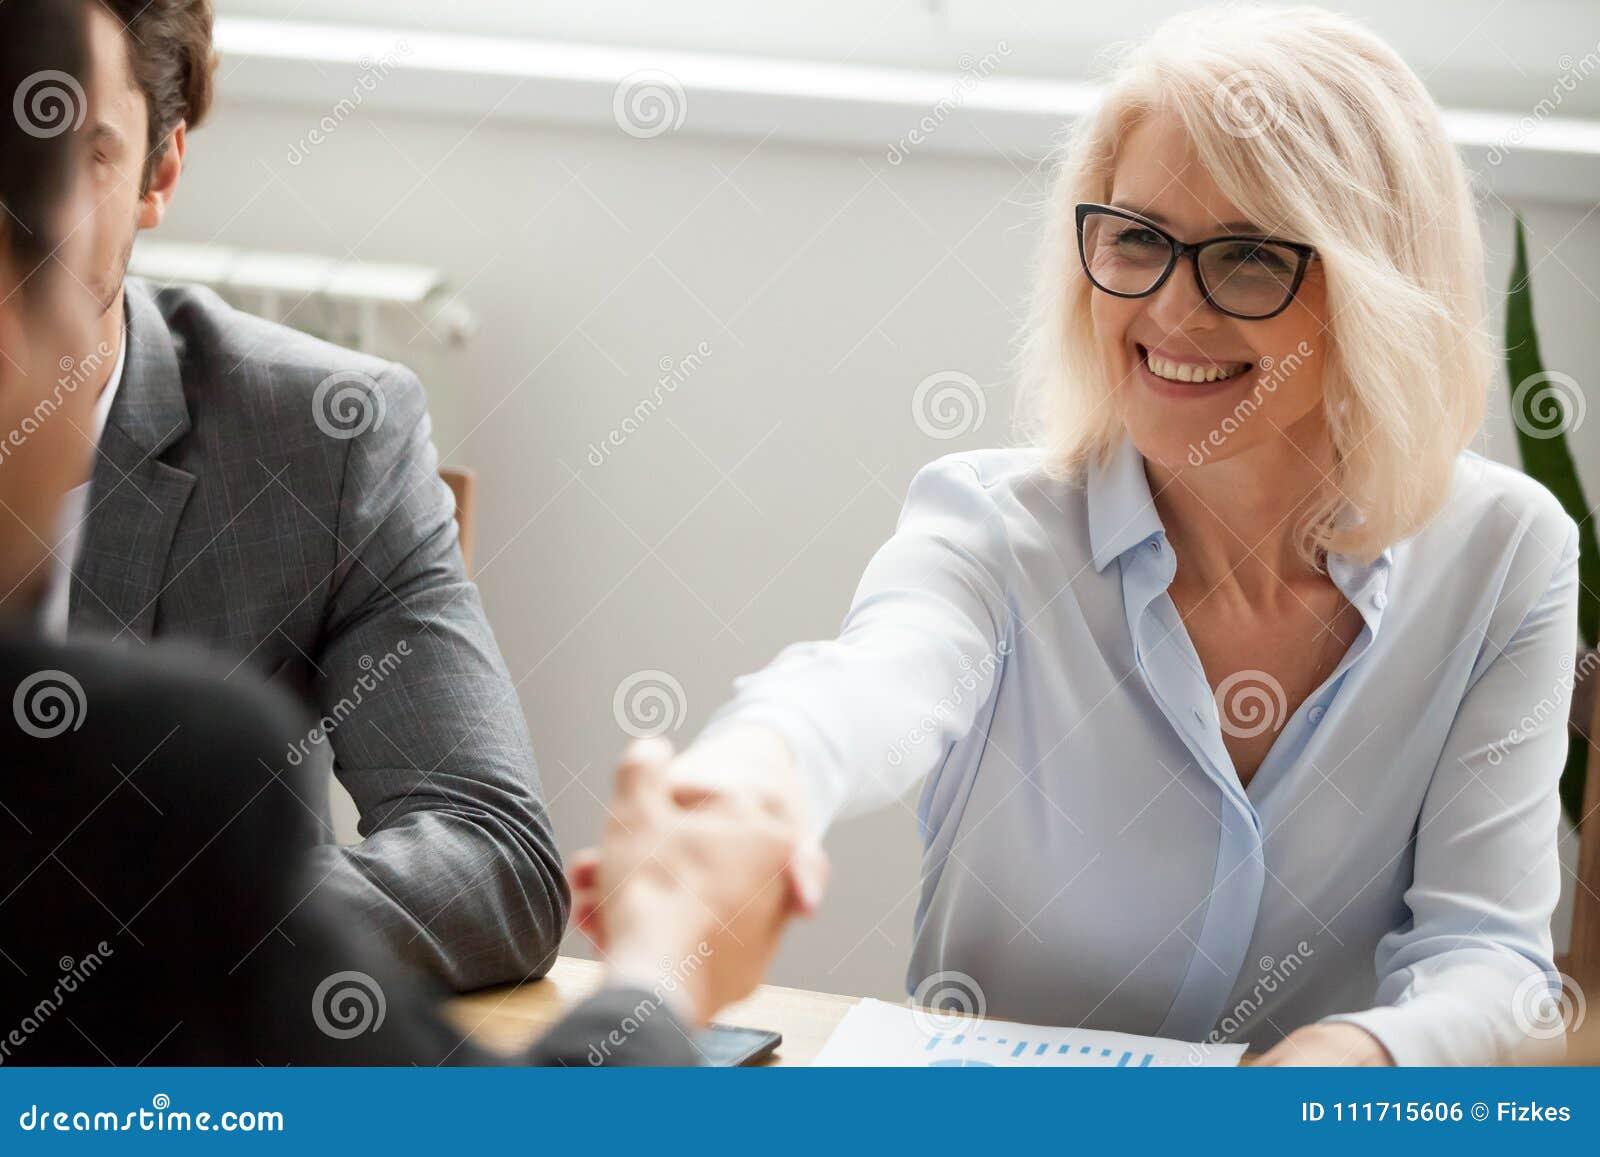 Χαμογελώντας ελκυστικός ώριμος επιχειρηματίας χειραψίας επιχειρηματιών